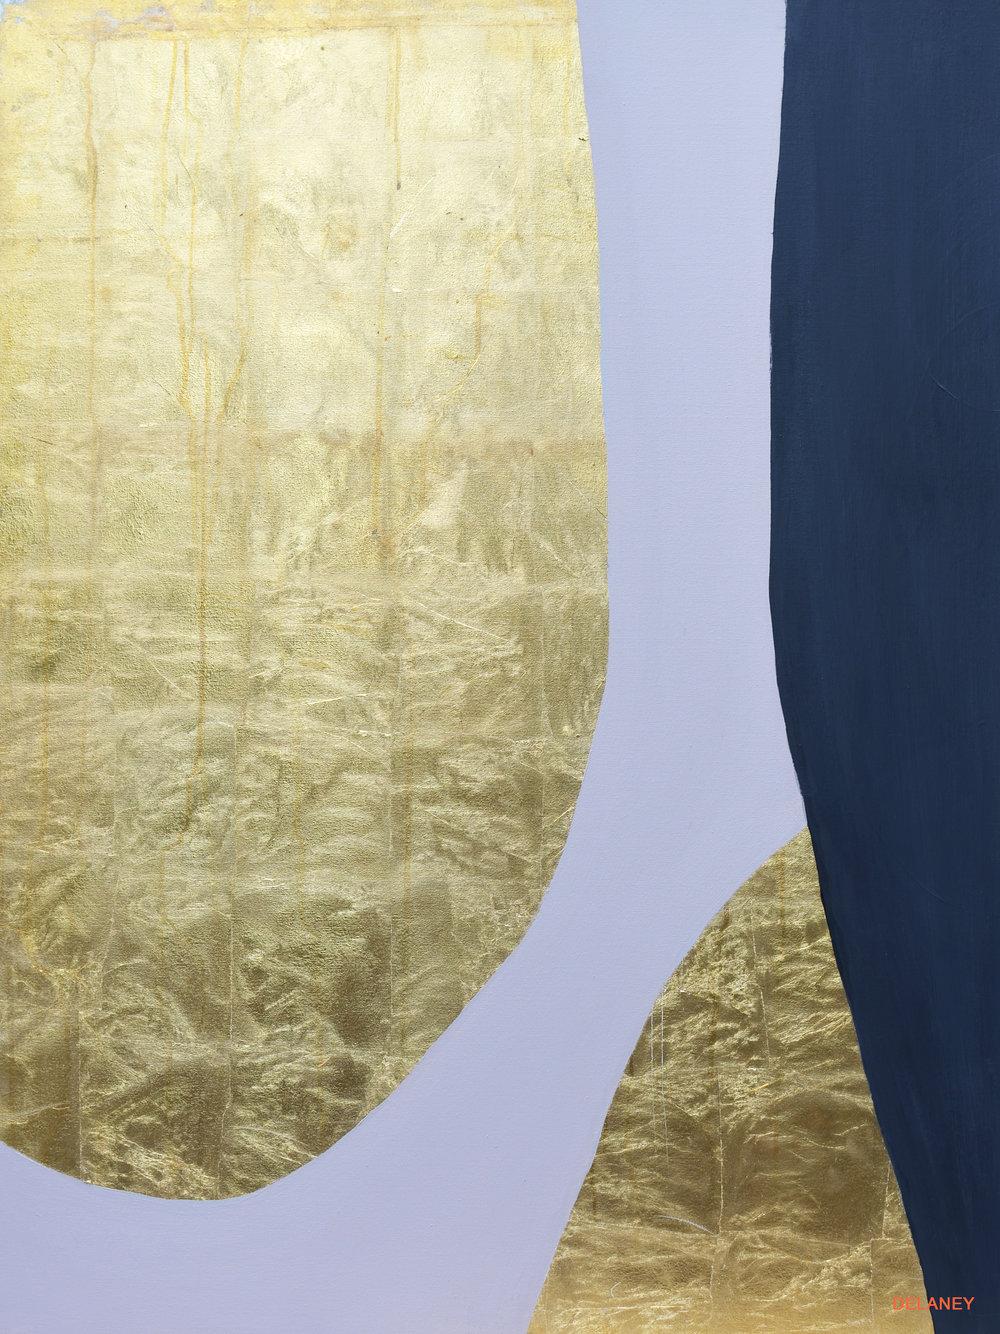 Grey Triptych #2  Gold leaf and acrylic on canvas (122x91cm)  £1,700